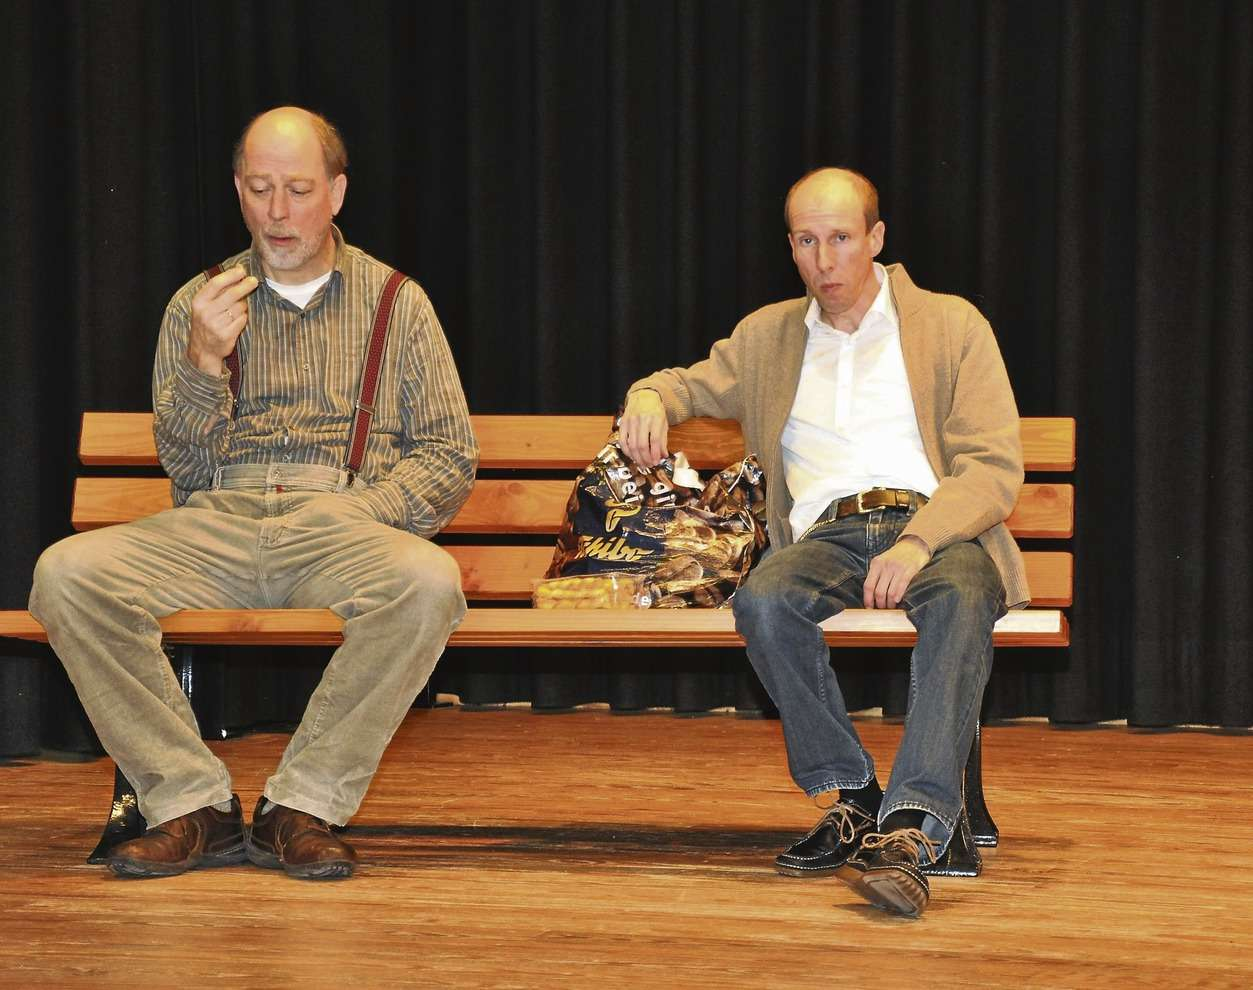 Der Text sitzt bereits, die Darsteller auch: Uwe Goldschmidt (links) und Andreas Winterhalter proben für ihr Stück. Die ersten Aufführungen sind im März. Der Kartenverkauf hat begonnen.